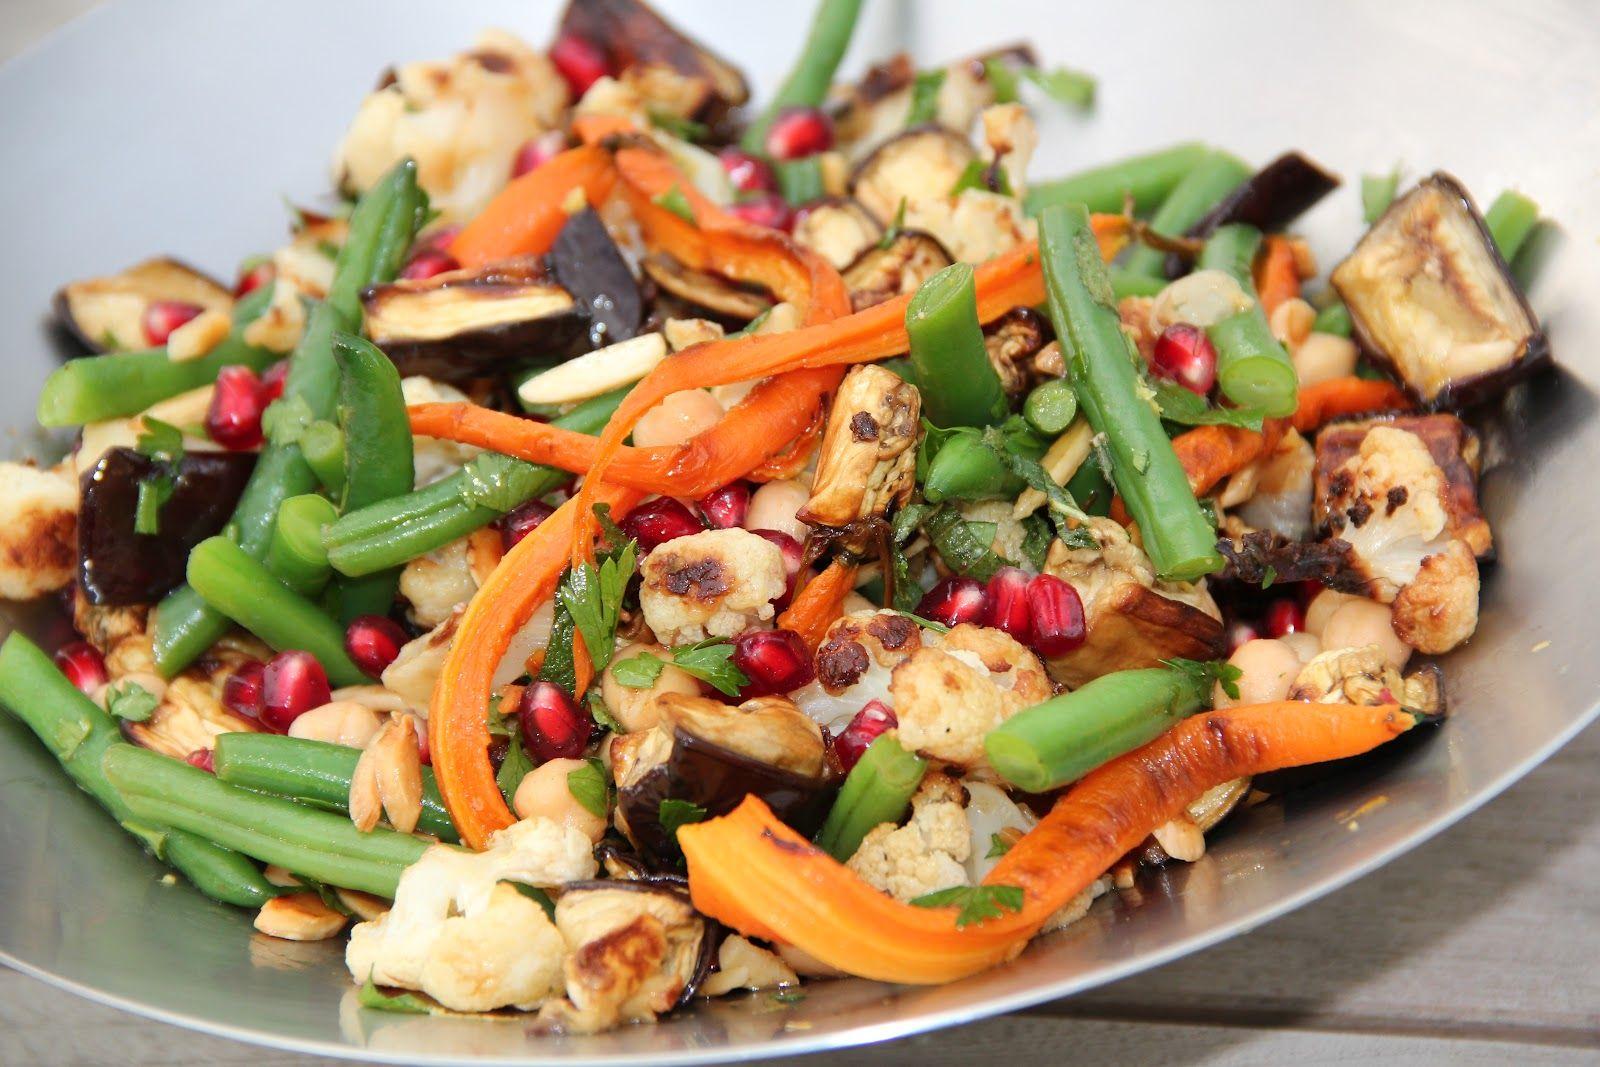 Для Диеты Легкие Салаты. Рецепты диетических салатов для похудения